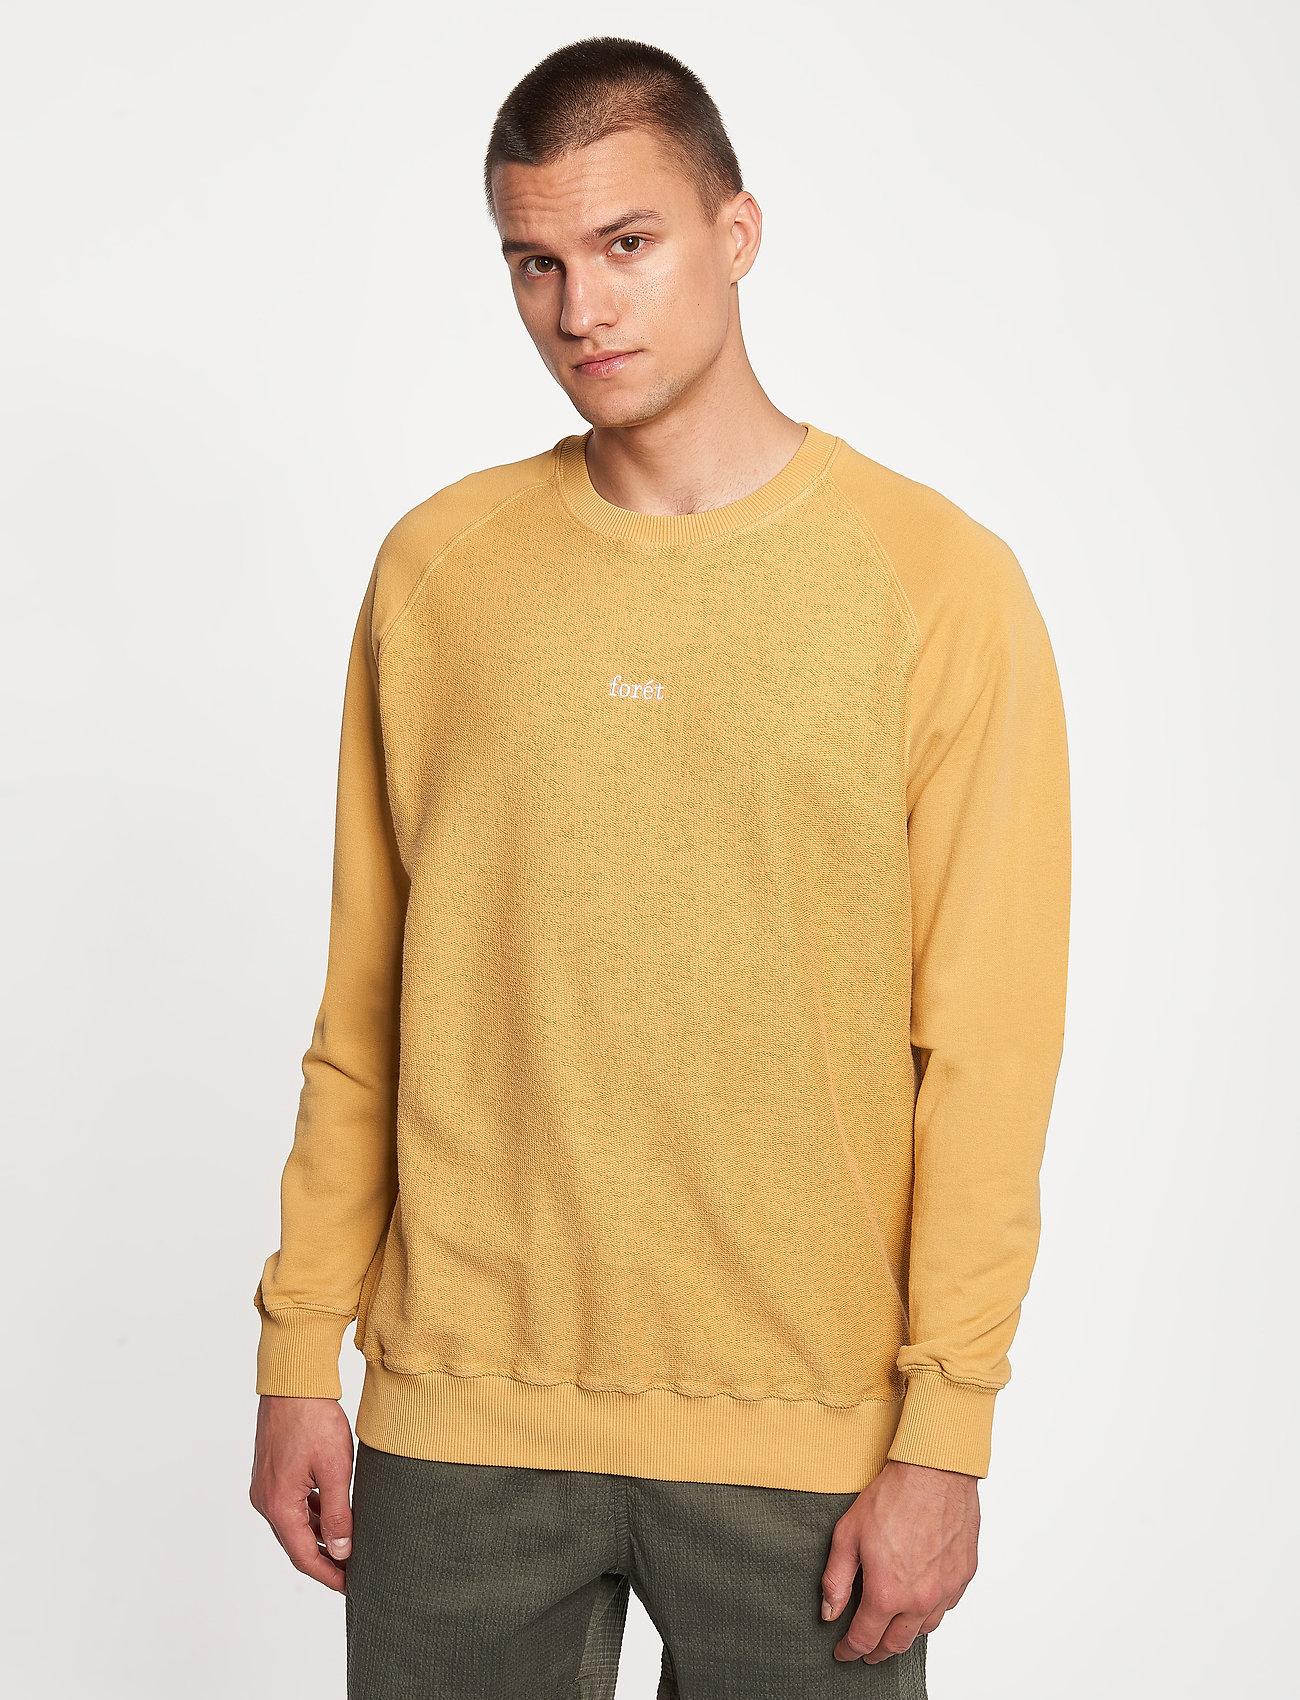 Forét - WEST SWEATSHIRT - swetry - ochre - 3